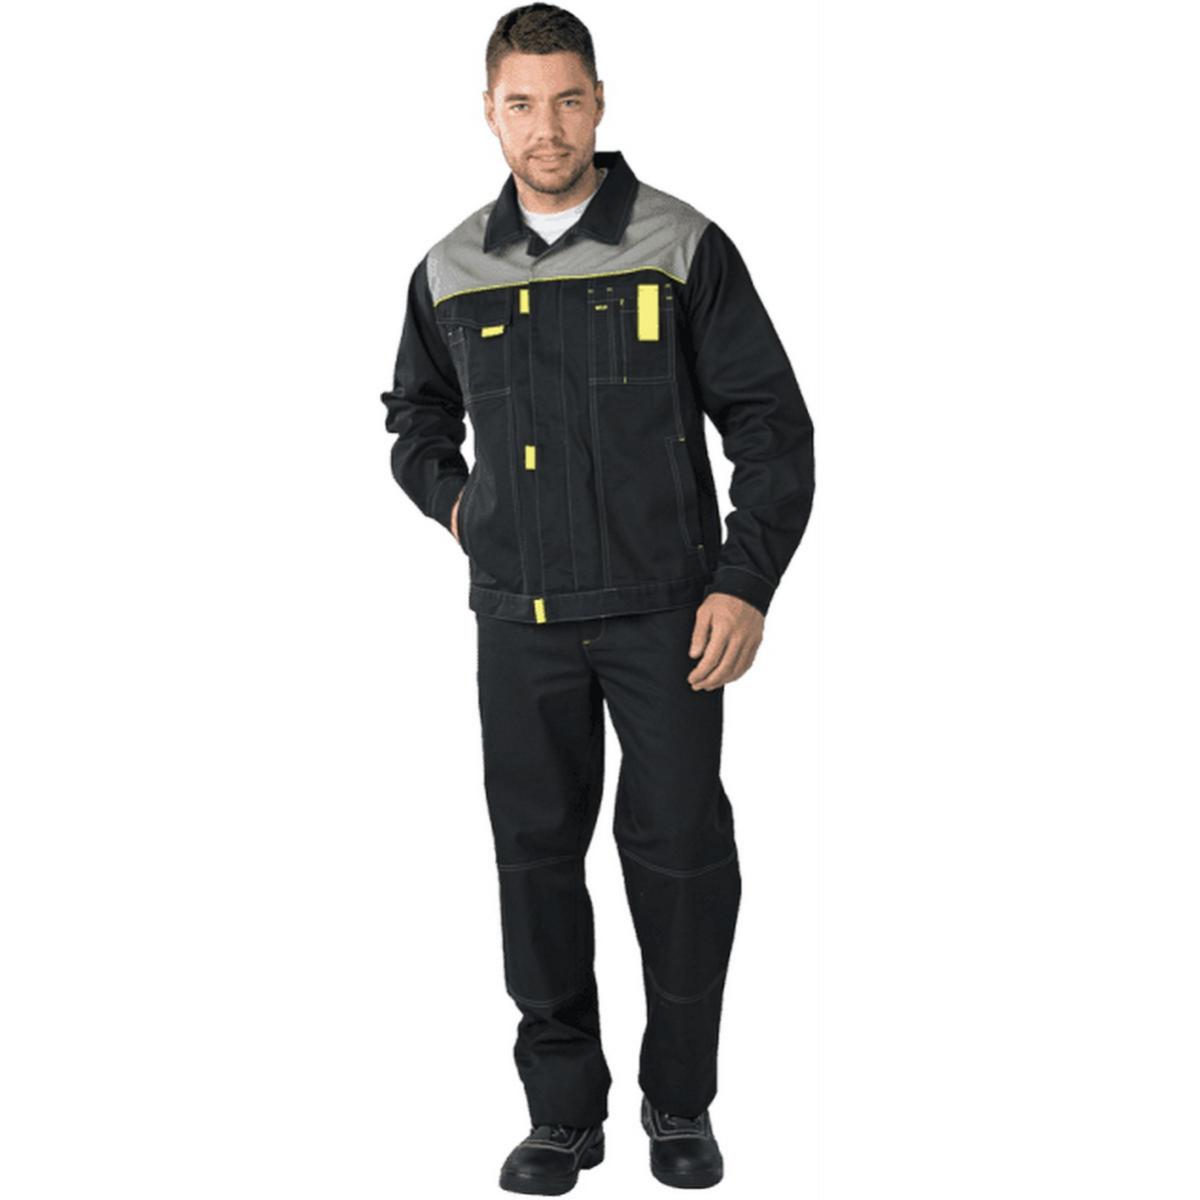 Куртка ТУРБО черная (разм. 104-108 рост 182-188)